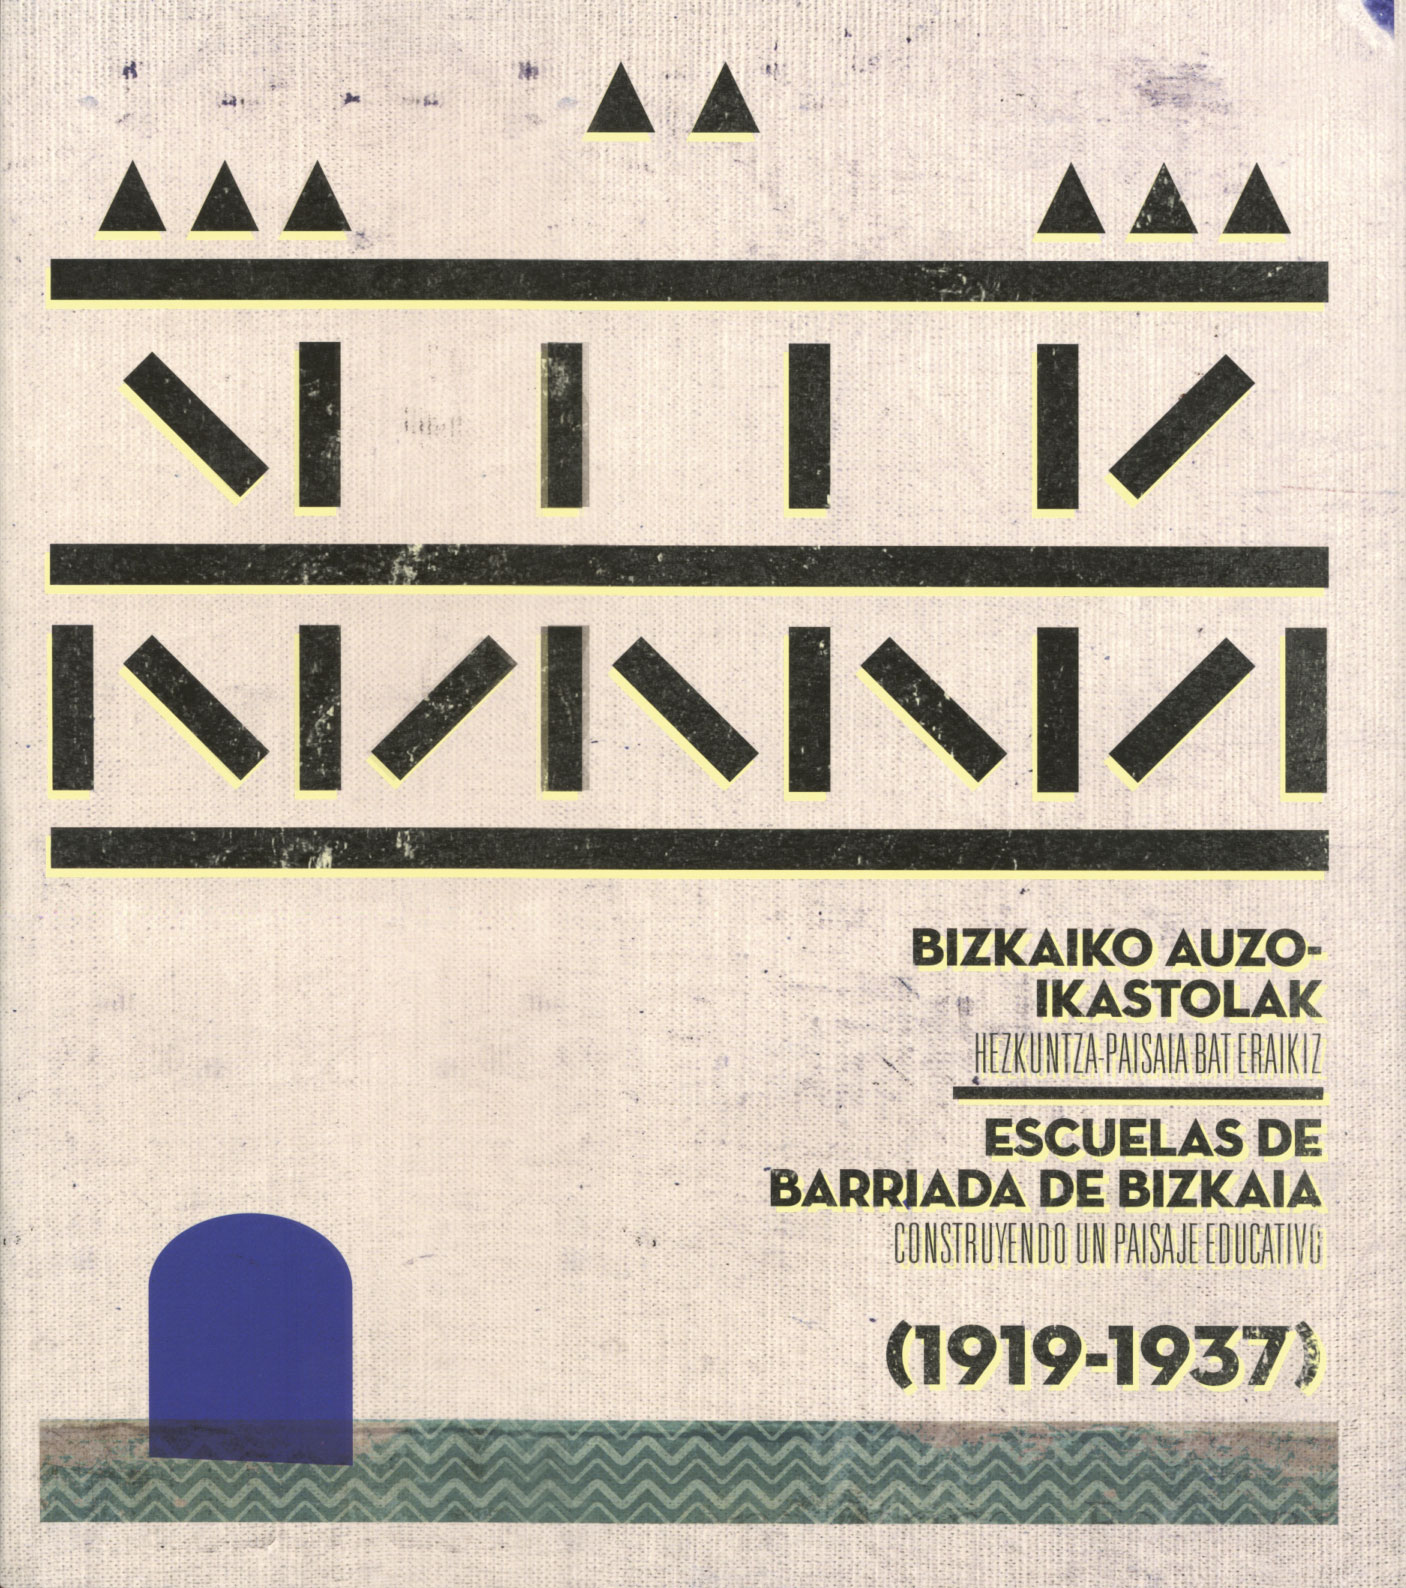 Bizkaiko auzo-ikastolak: hezkuntza paisaia bat eraikiz (1919-1937) = Escuelas de barriada de Bizkaia: construyendo un paisaje educativo (1919-1937)